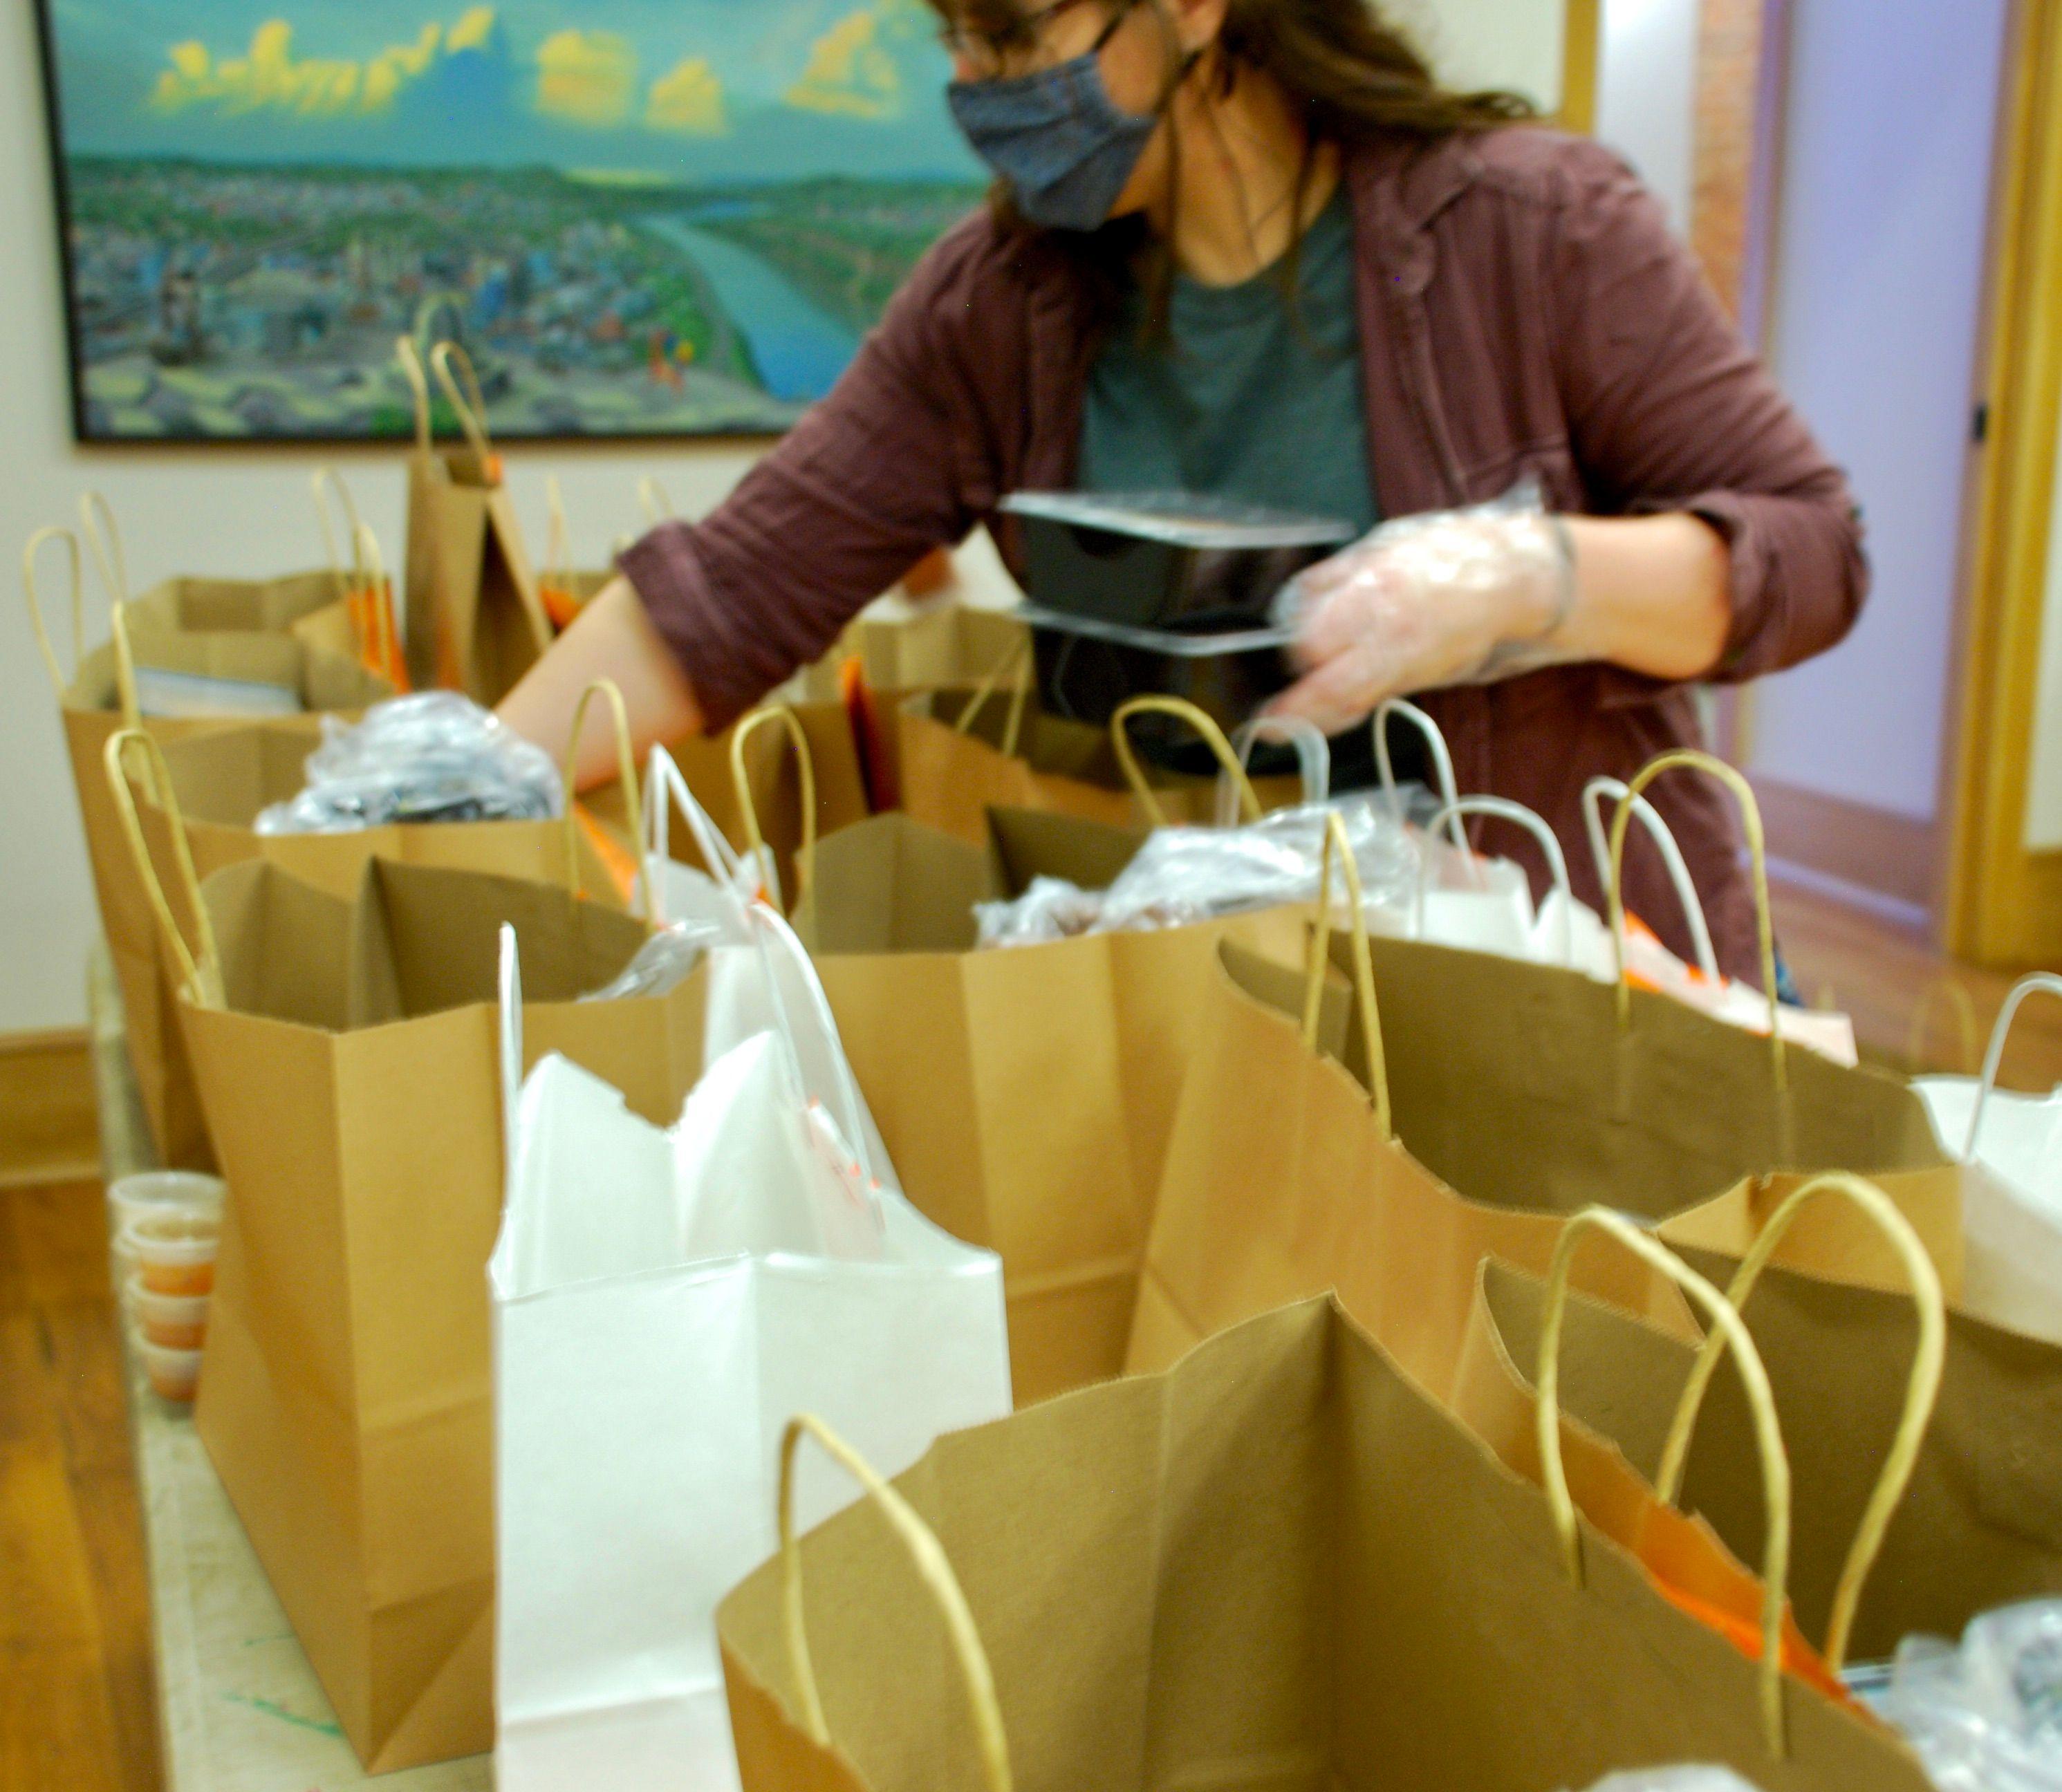 Volunteering Boosts Your Mental Health